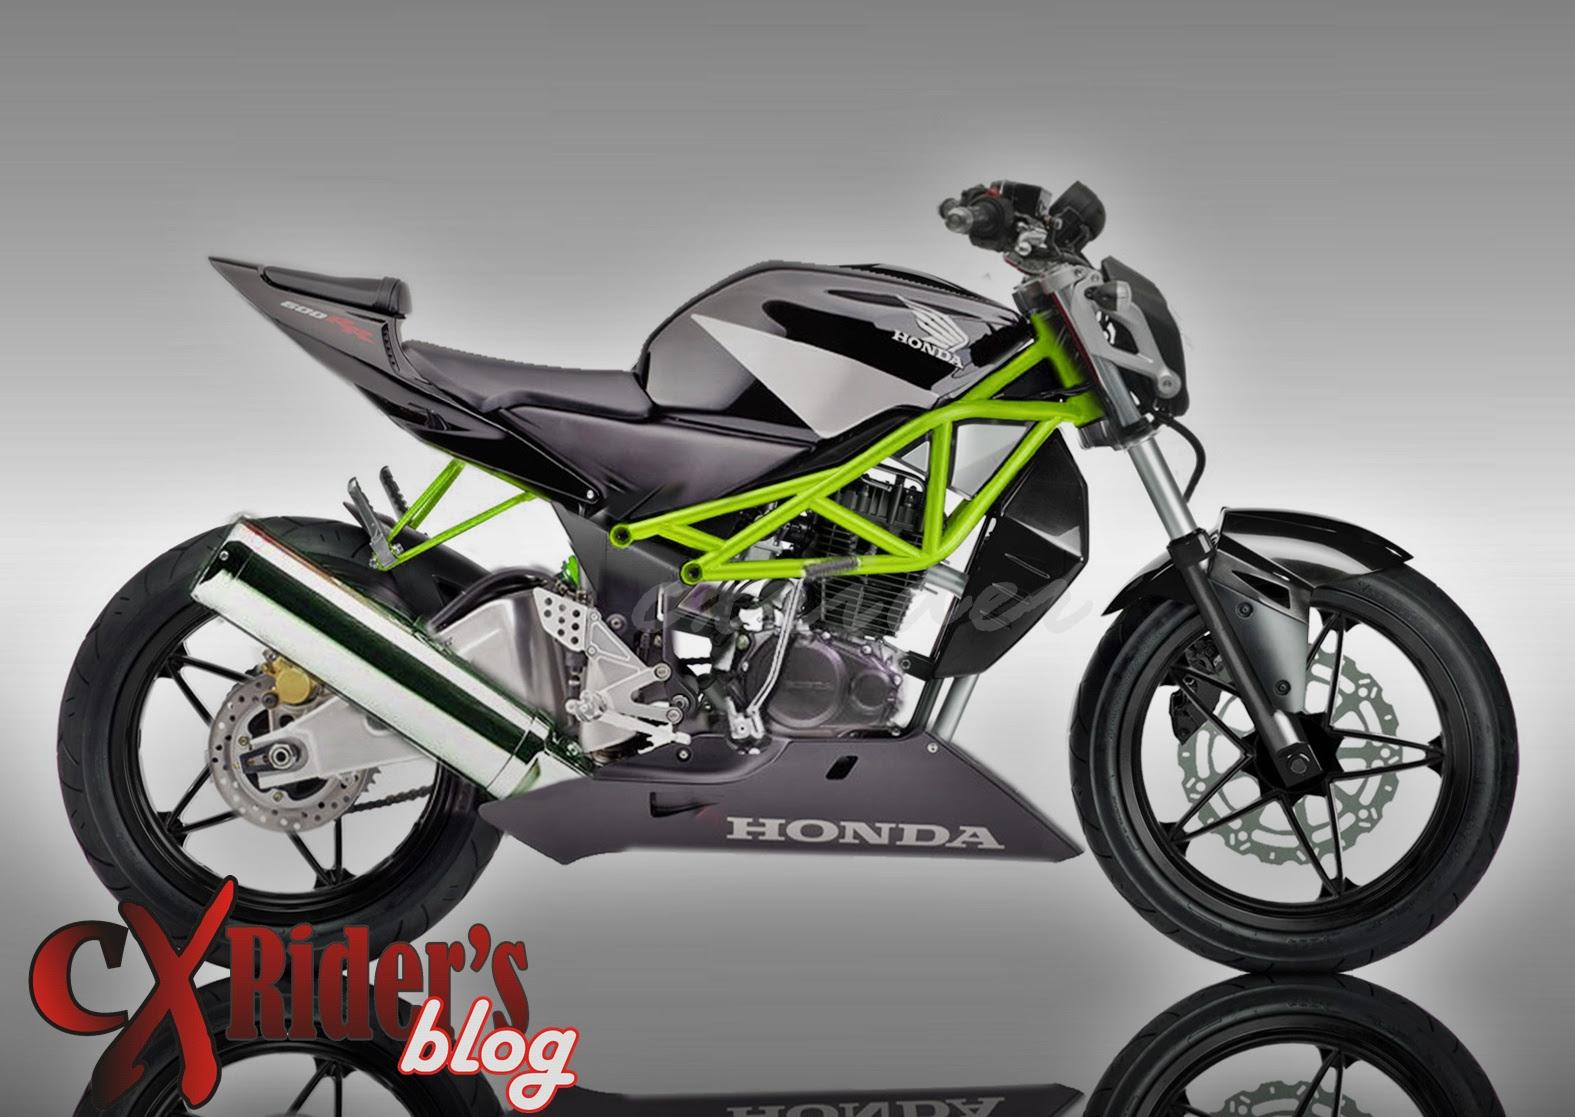 INFORMASI KITA Koleksi Foto Modifikasi Honda Tiger Revo Terbaru